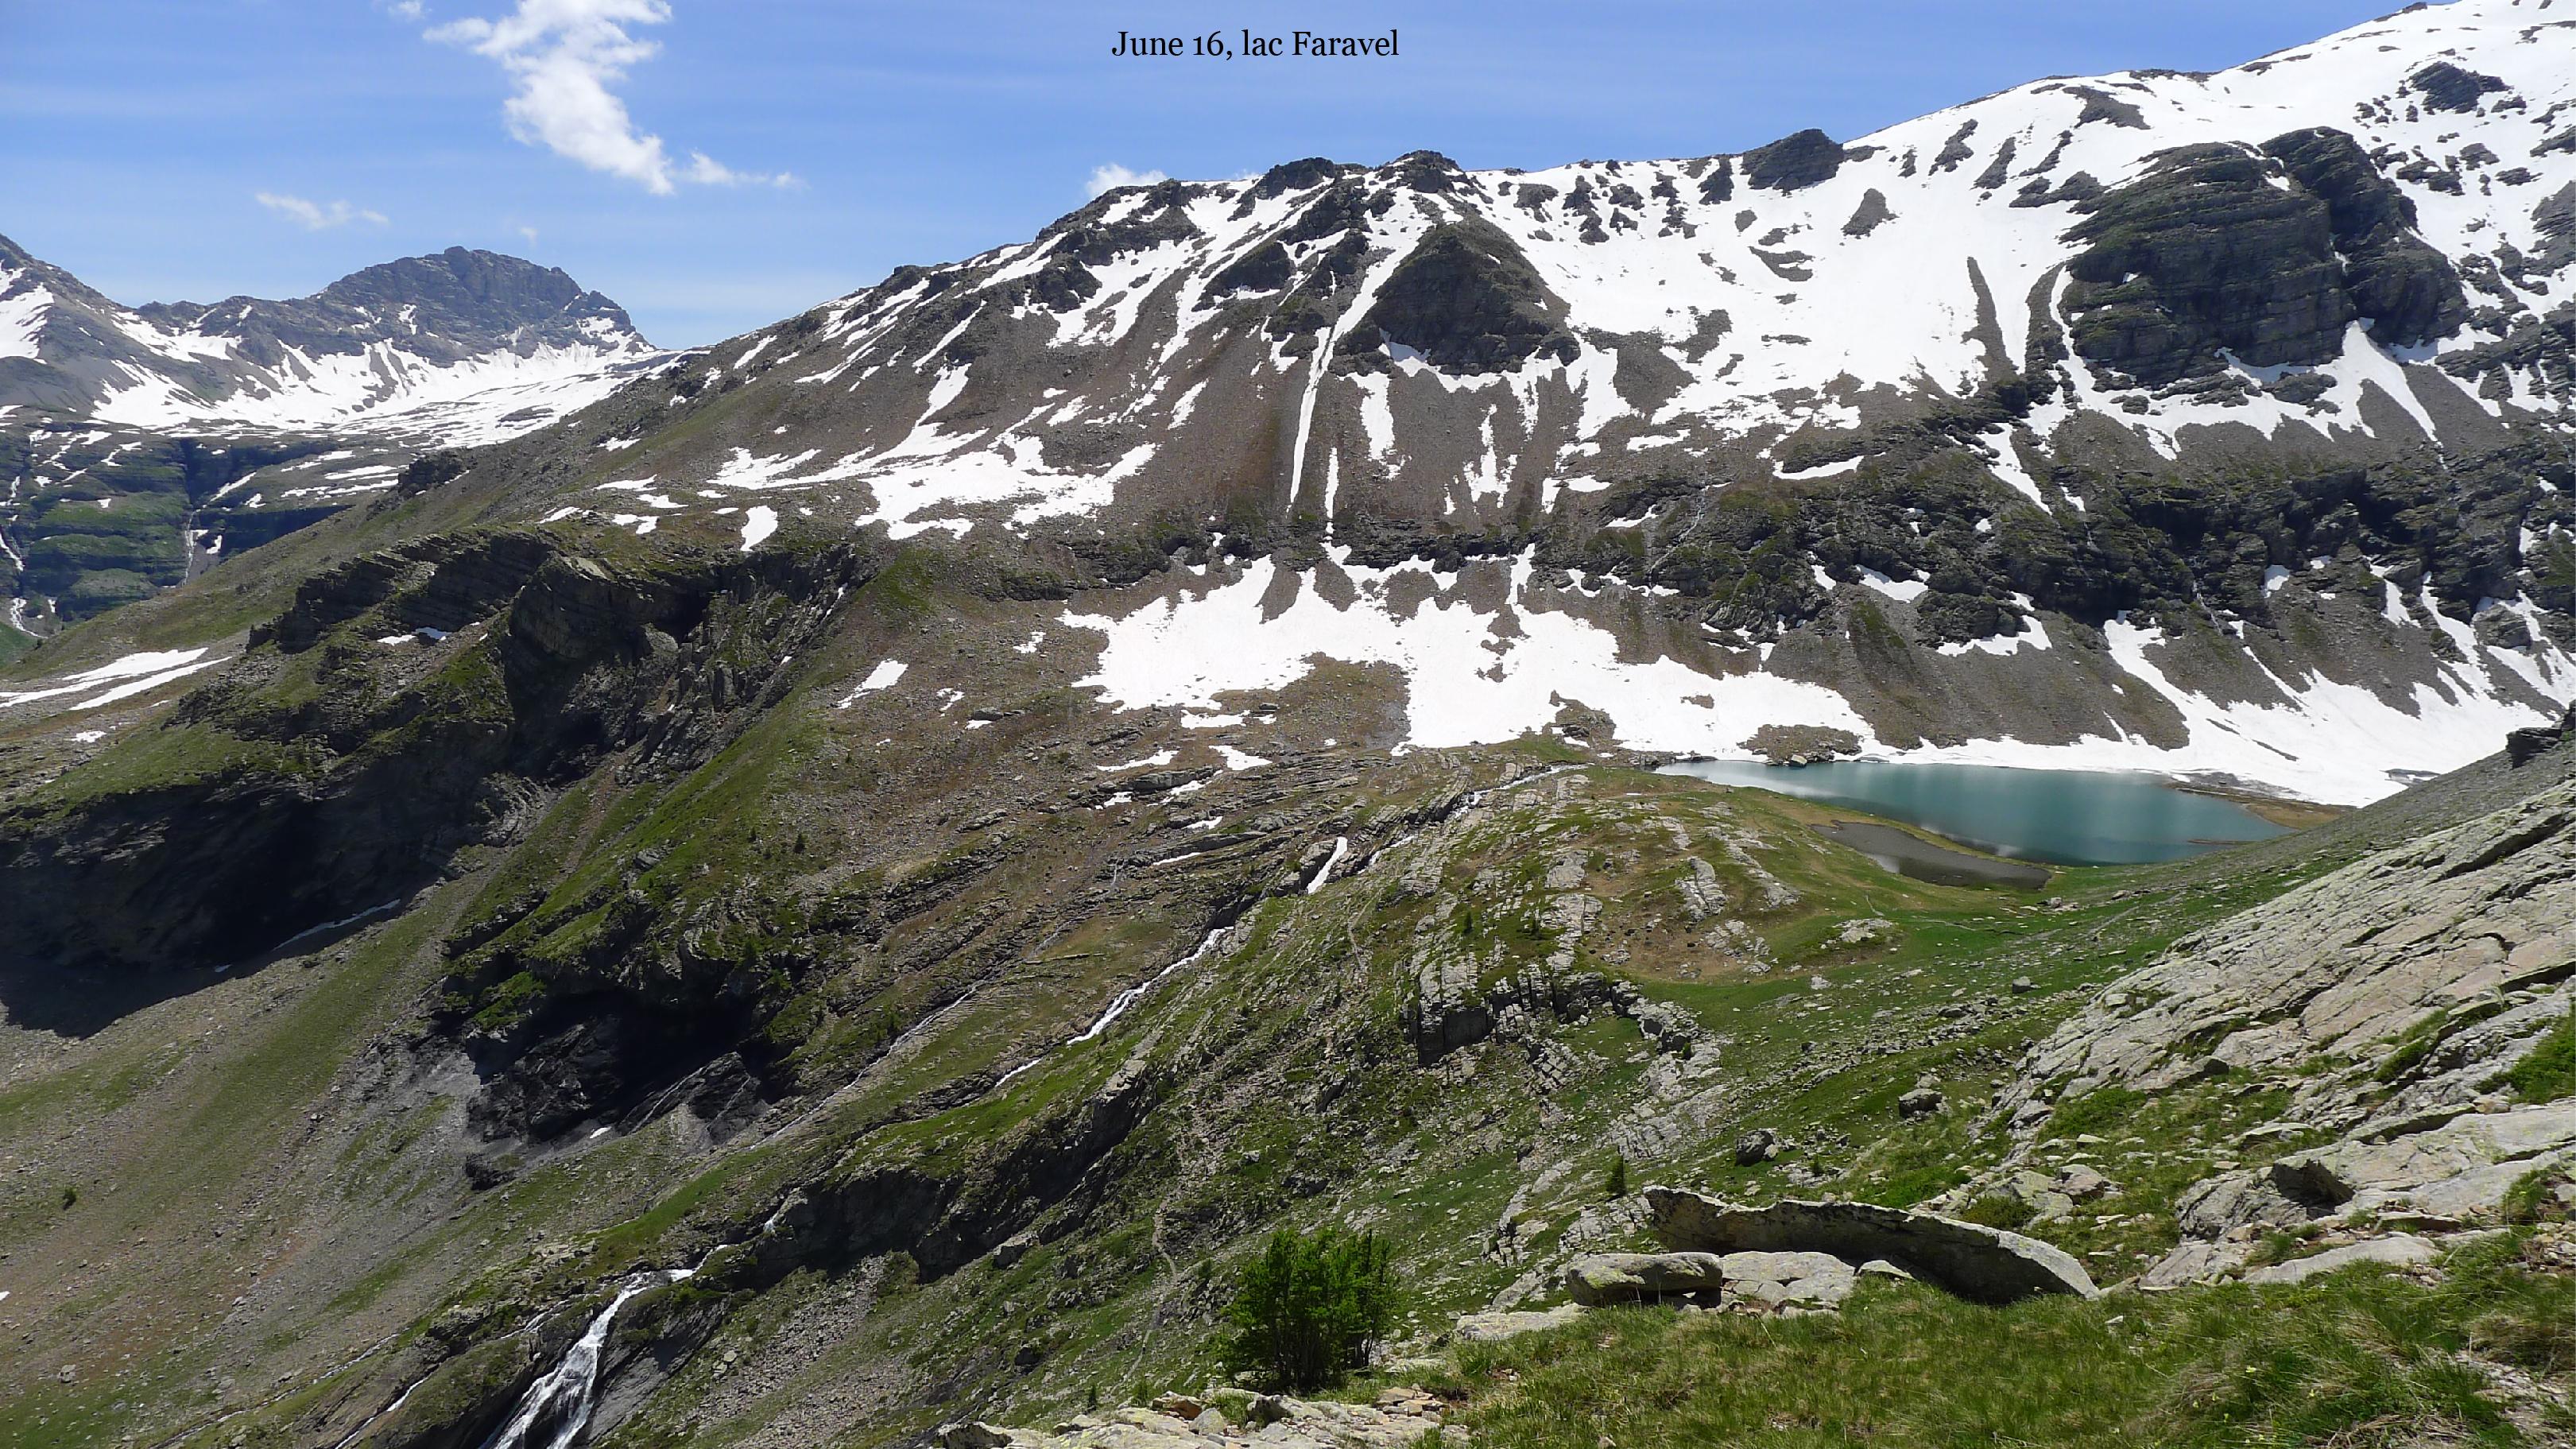 nicolas barbier ventdouxprod 2017 lac Faravel Ecrins June juin